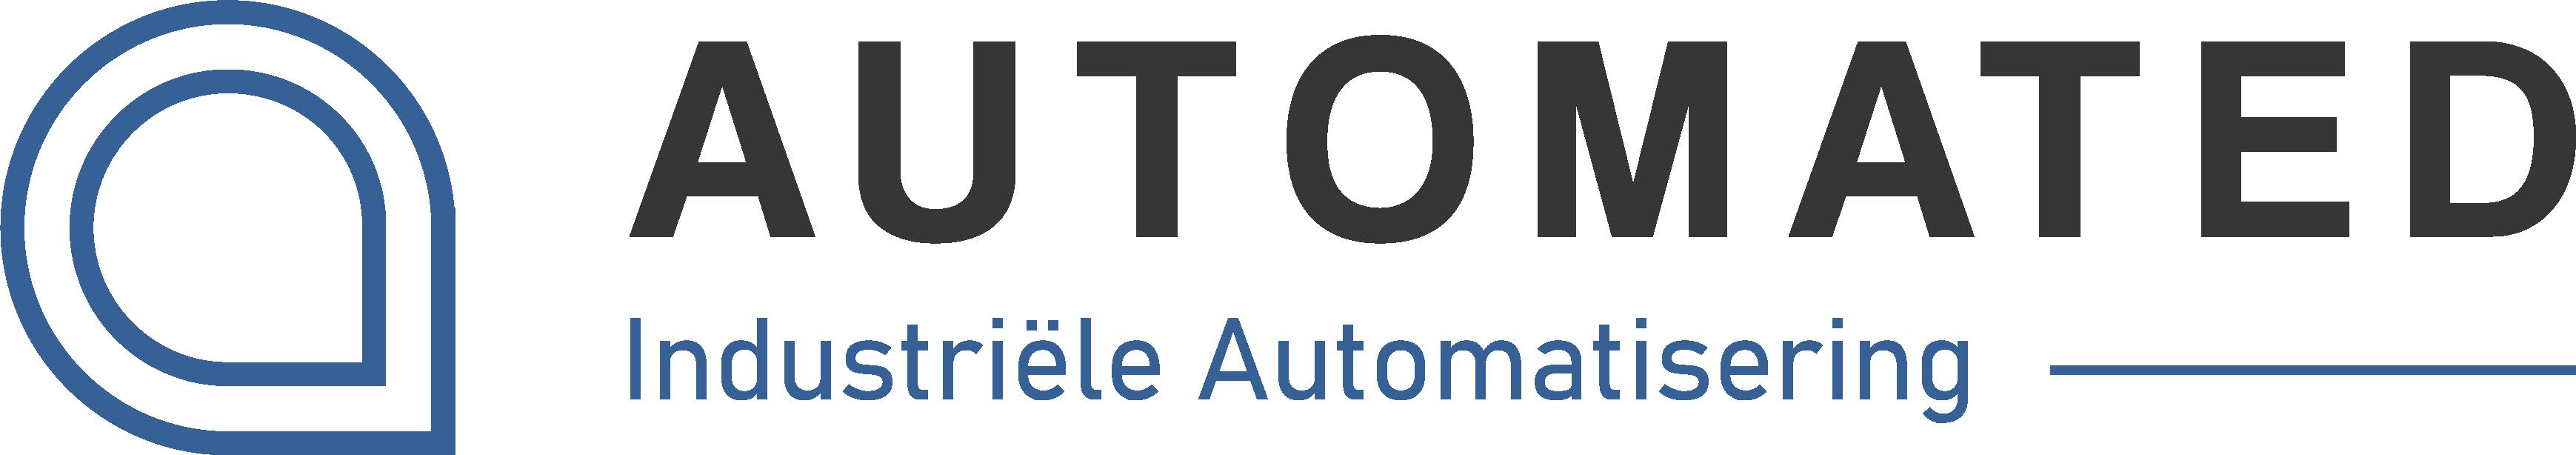 Automated Ingenieursbureau